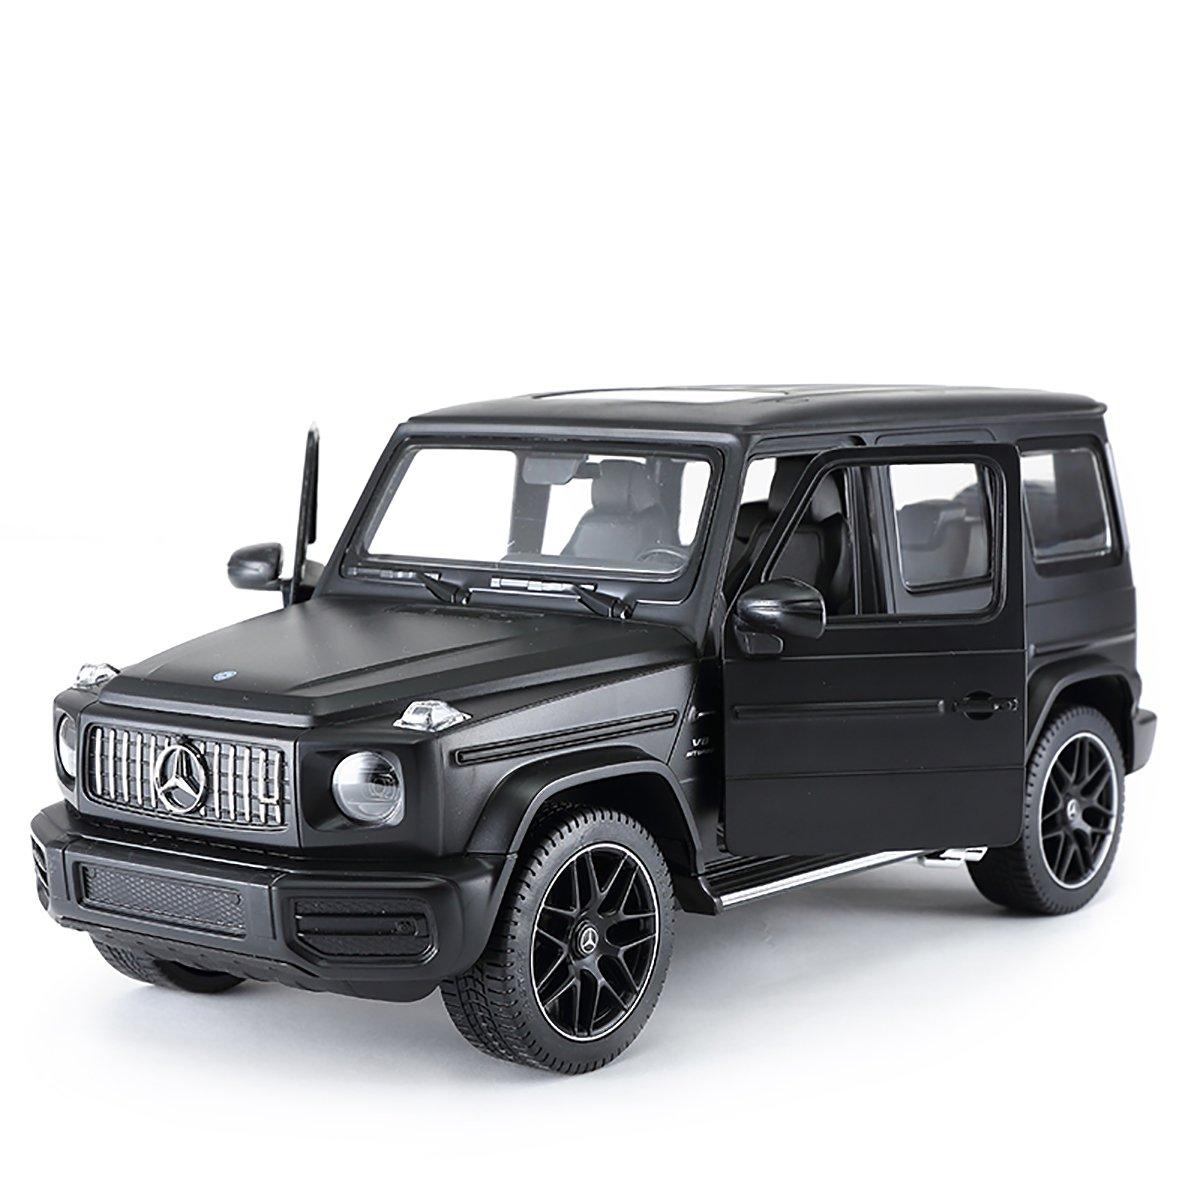 Masinuta cu telecomanda Rastar Mercedes-Benz G63 AMG, Negru, 1:14